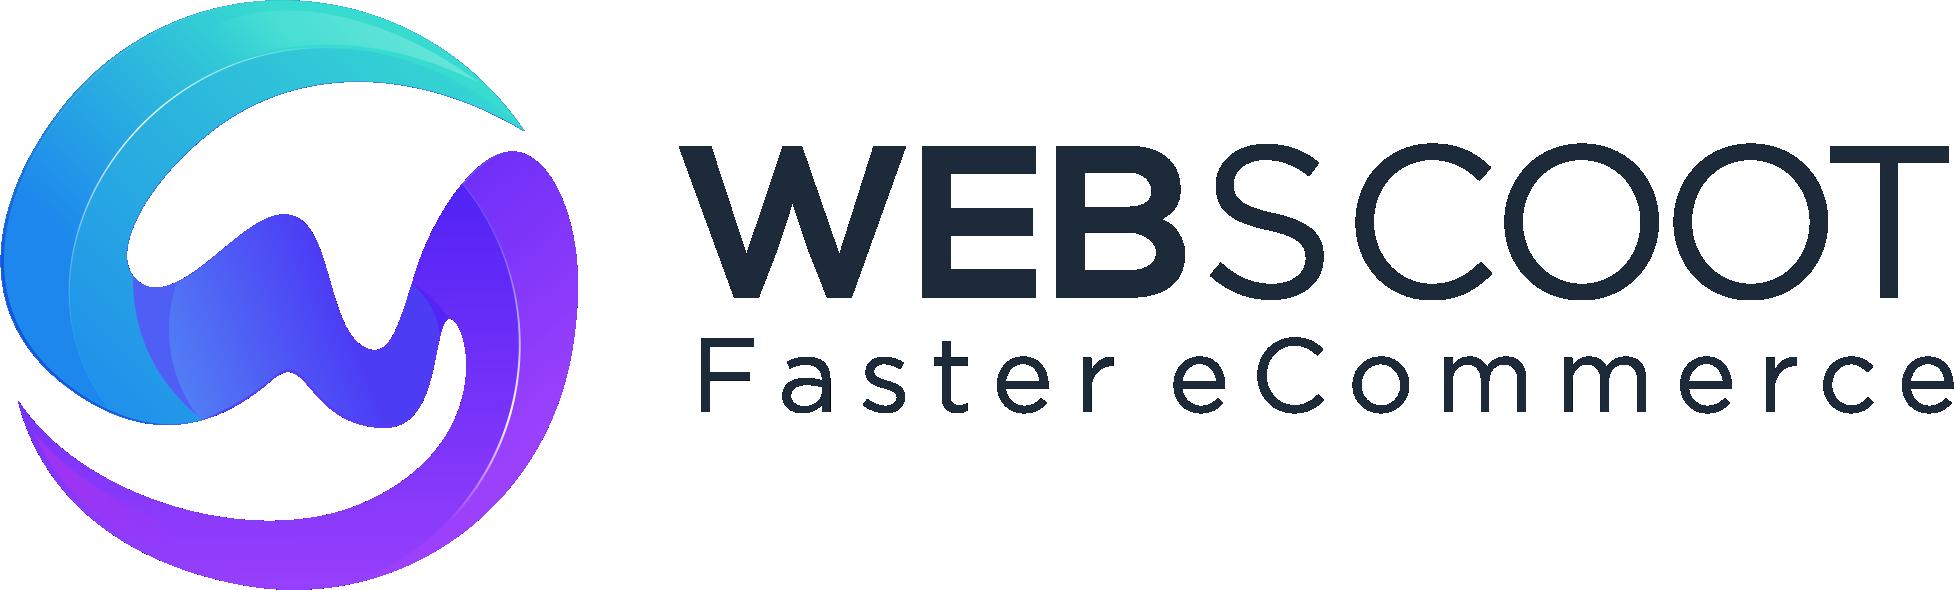 WebScoot.io